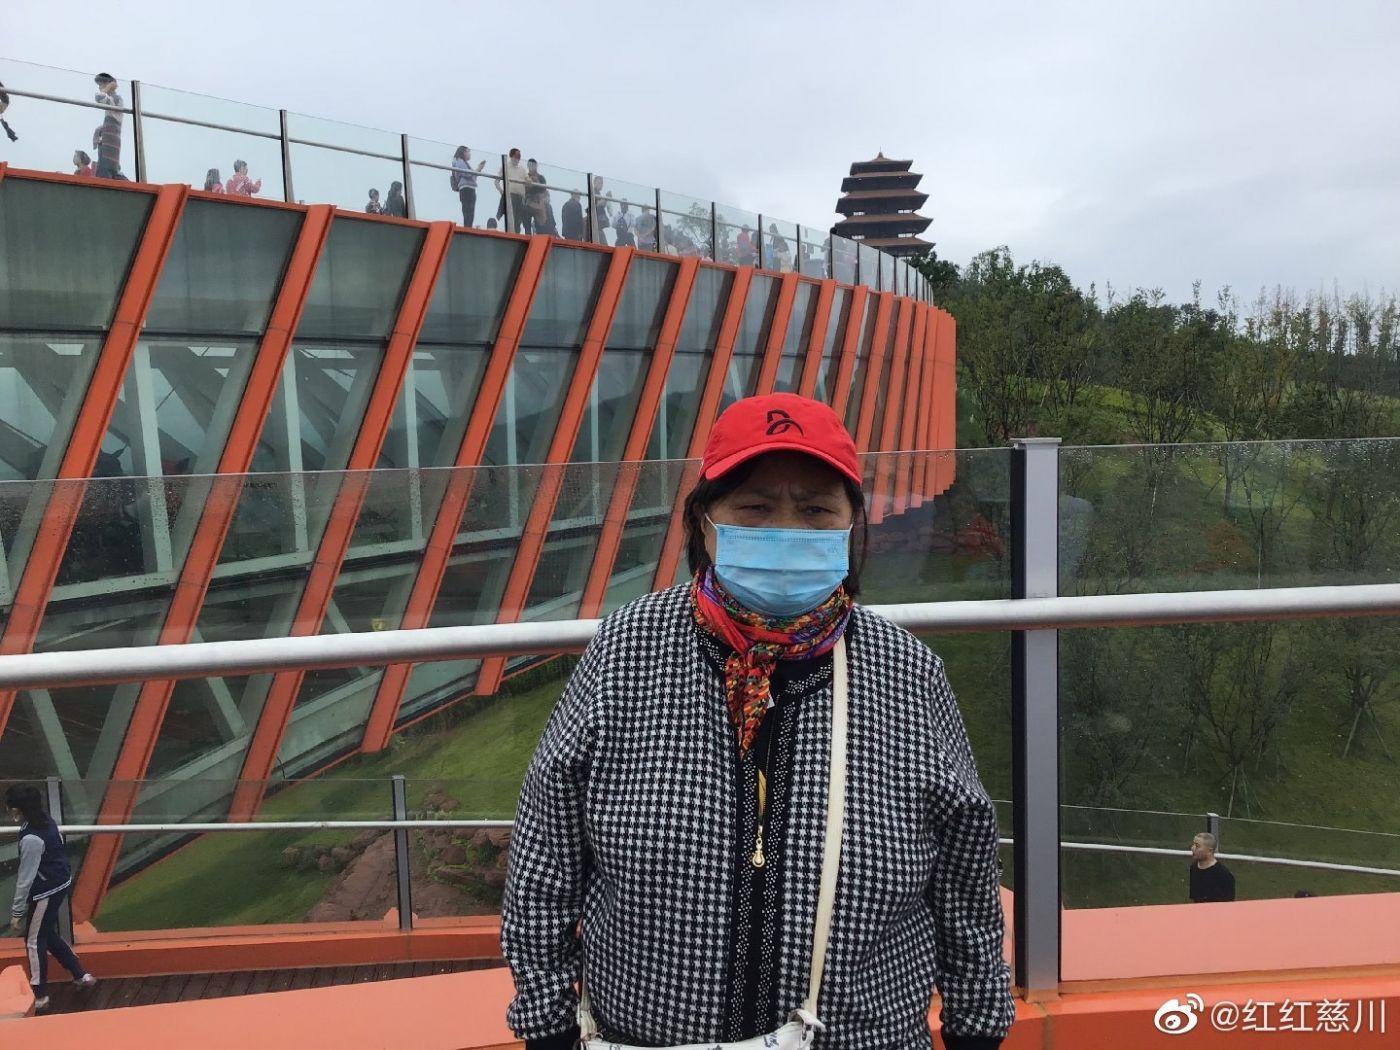 山岔湖观景台_图1-10